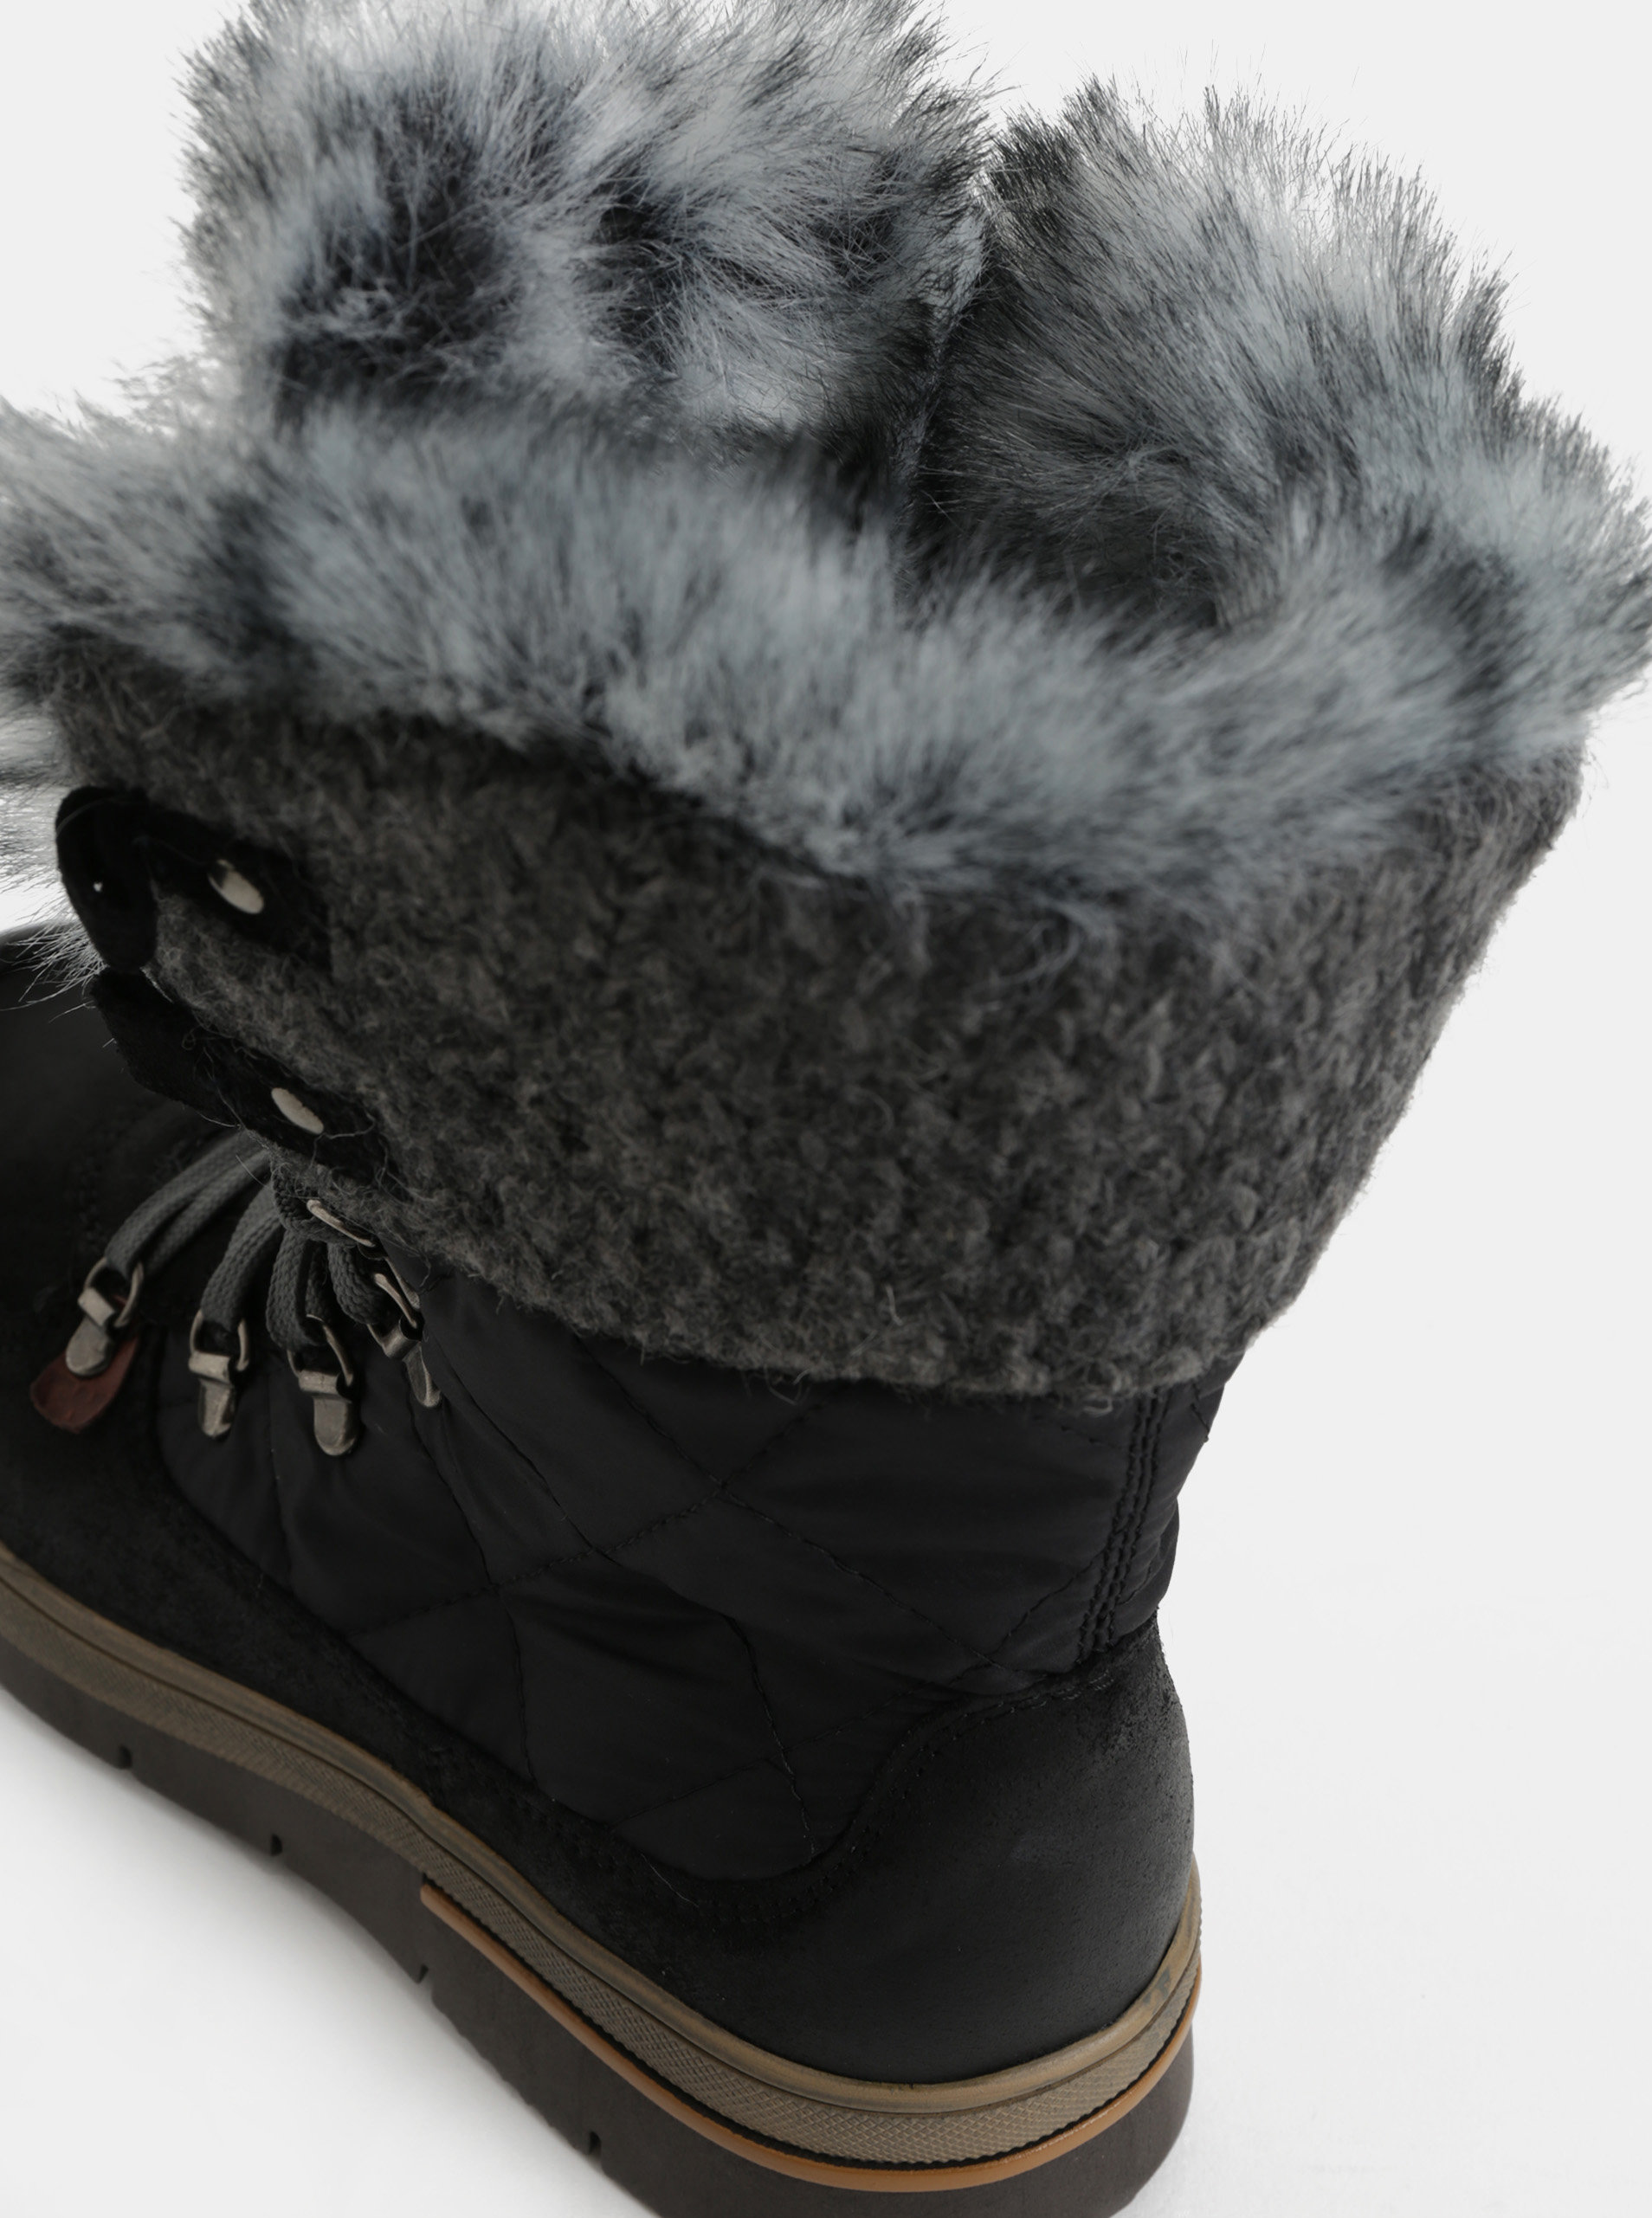 80b86f3d252 Šedo-černé dámské zimní boty se semišovými detaily Weinbrenner ...